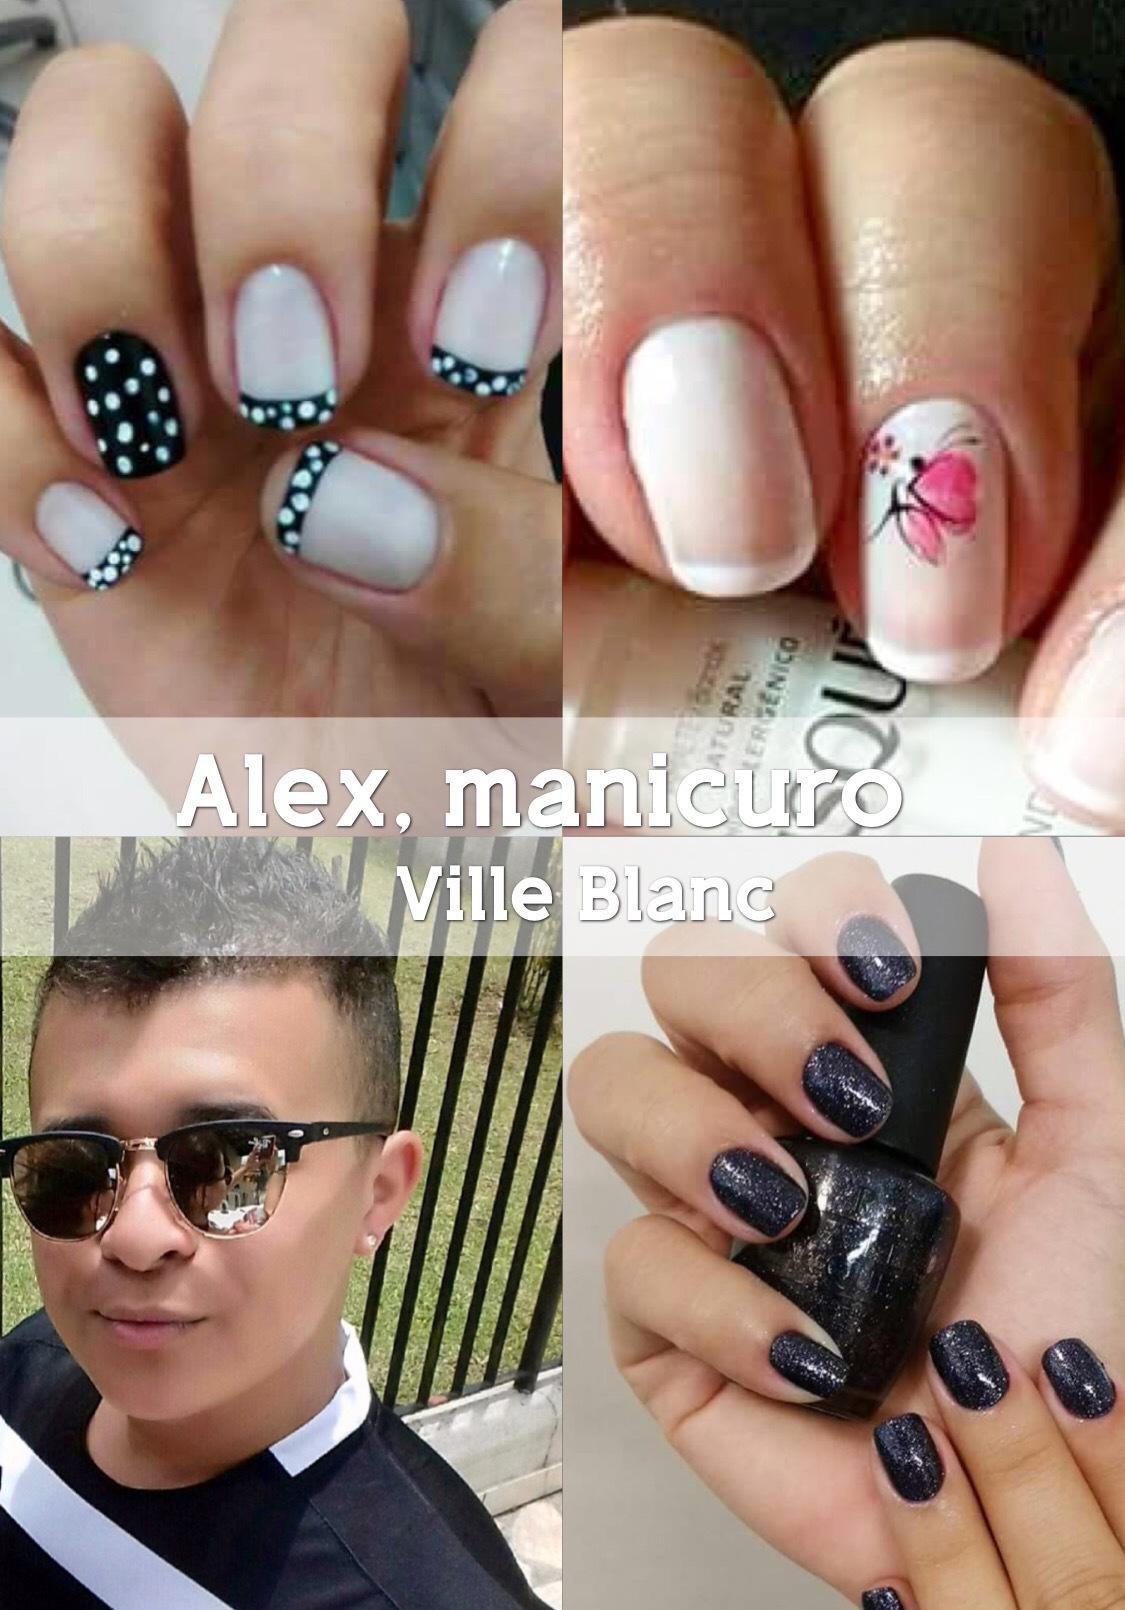 ALEX, manicuro e pedicuro do Ville Blanc. unha empresário(a)